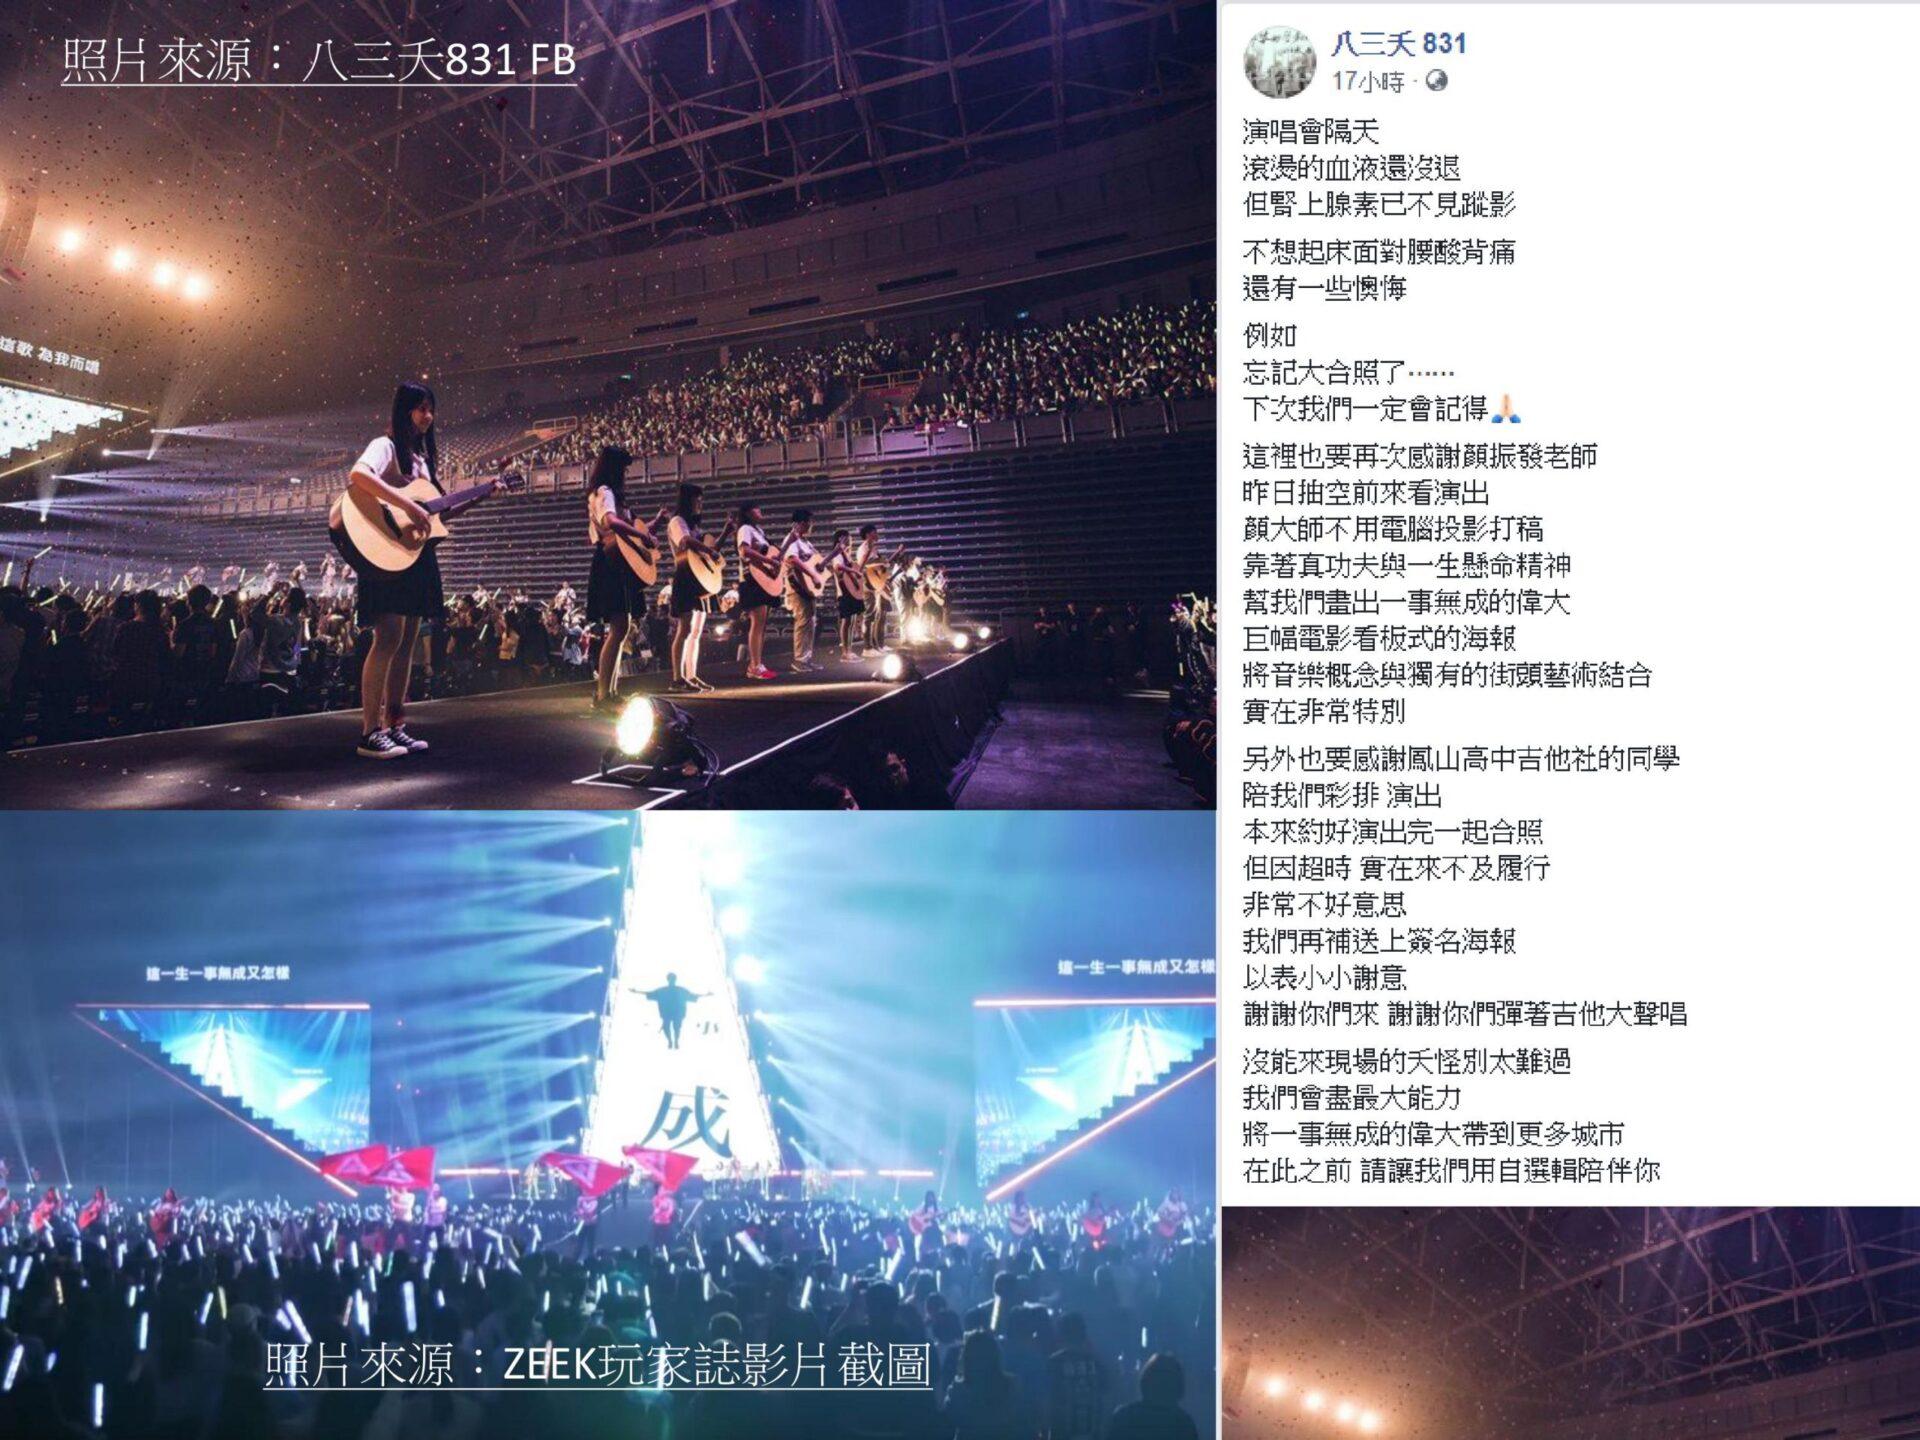 鳳山高中受邀於「八三夭一事無成的偉大高雄首場萬人演唱會」演出